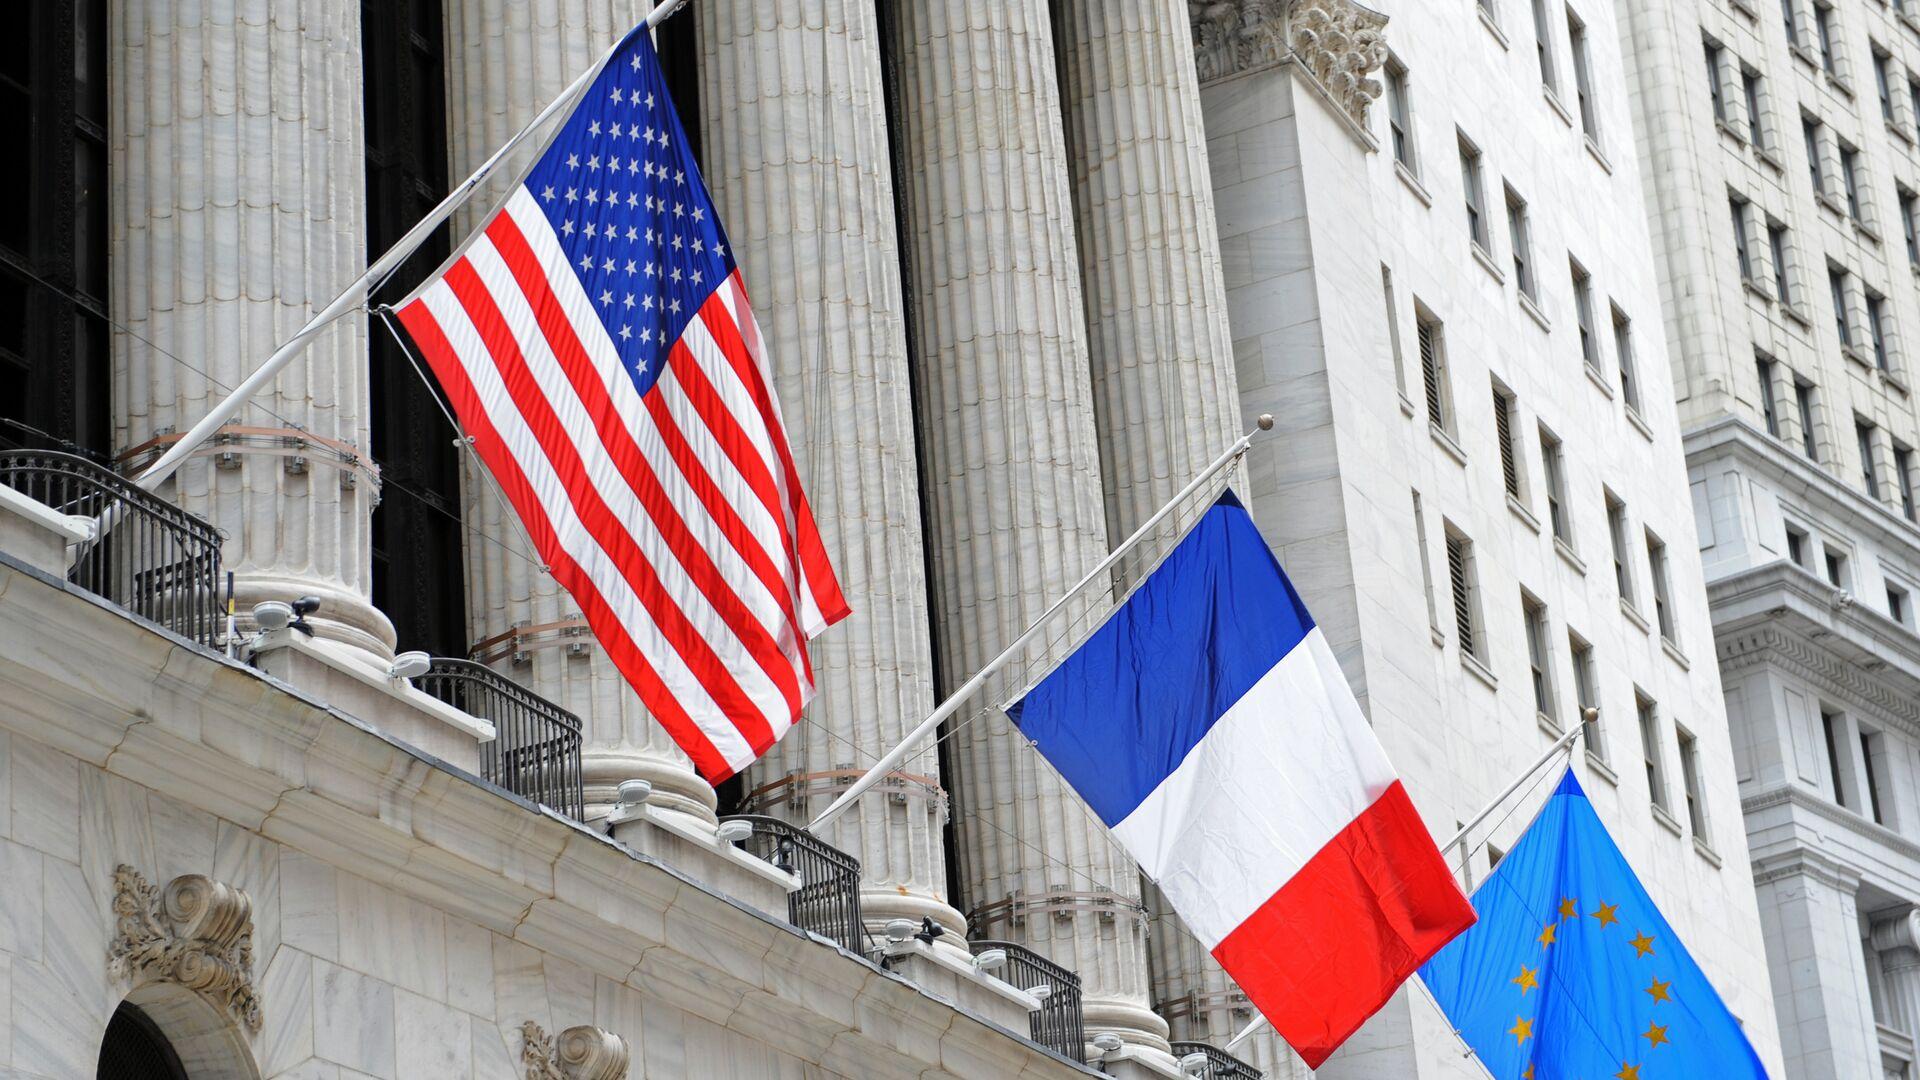 Οι σημαίες των ΗΠΑ, της Γαλλίας και της ΕΕ στο αμερικανικό χρηματιστήριο - Sputnik Ελλάδα, 1920, 18.09.2021